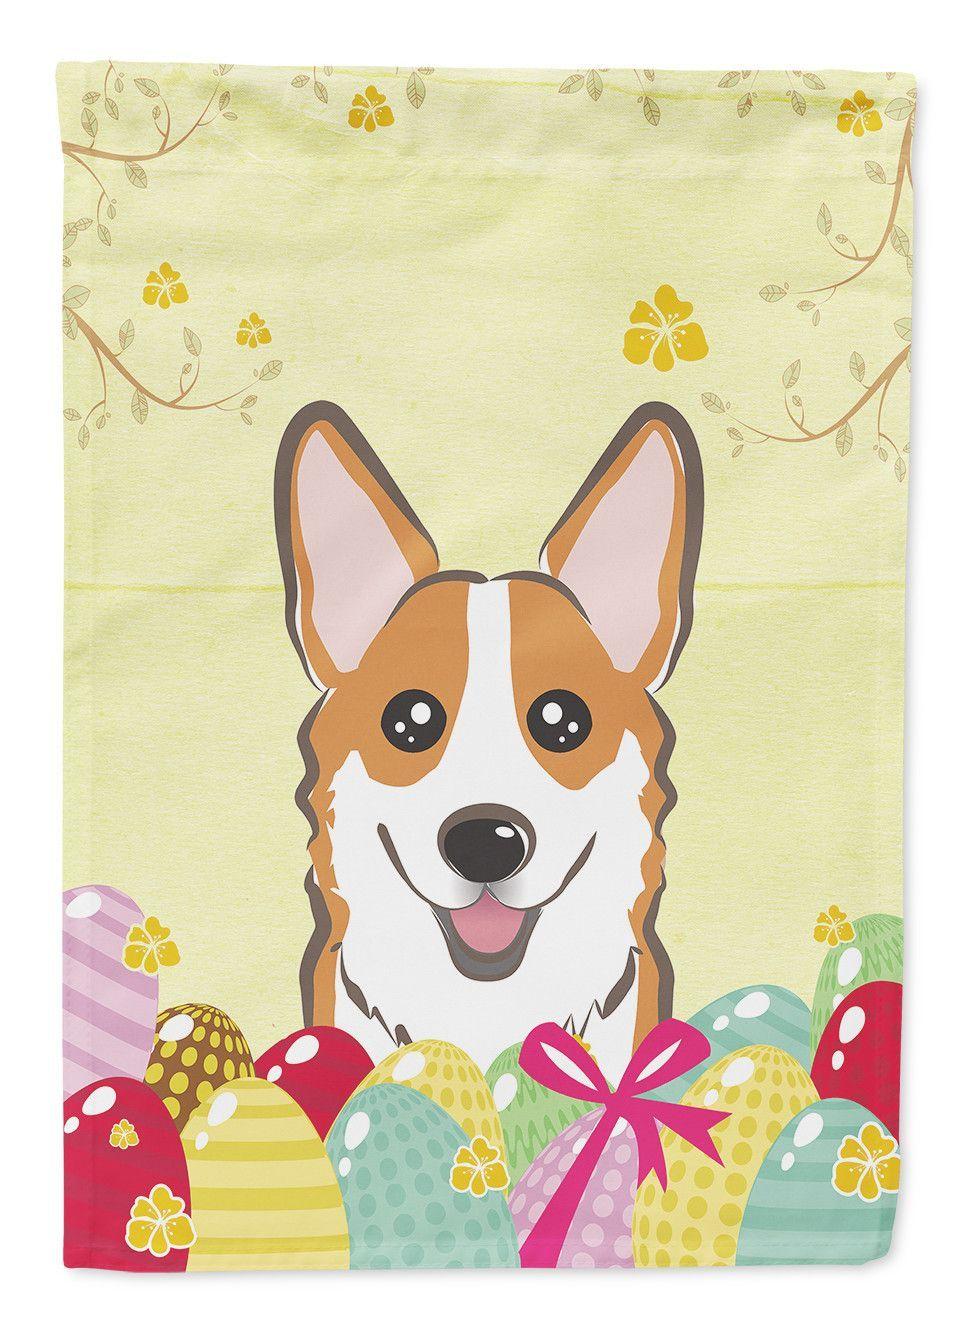 Corgi Easter Egg Hunt 2-Sided Garden Flag